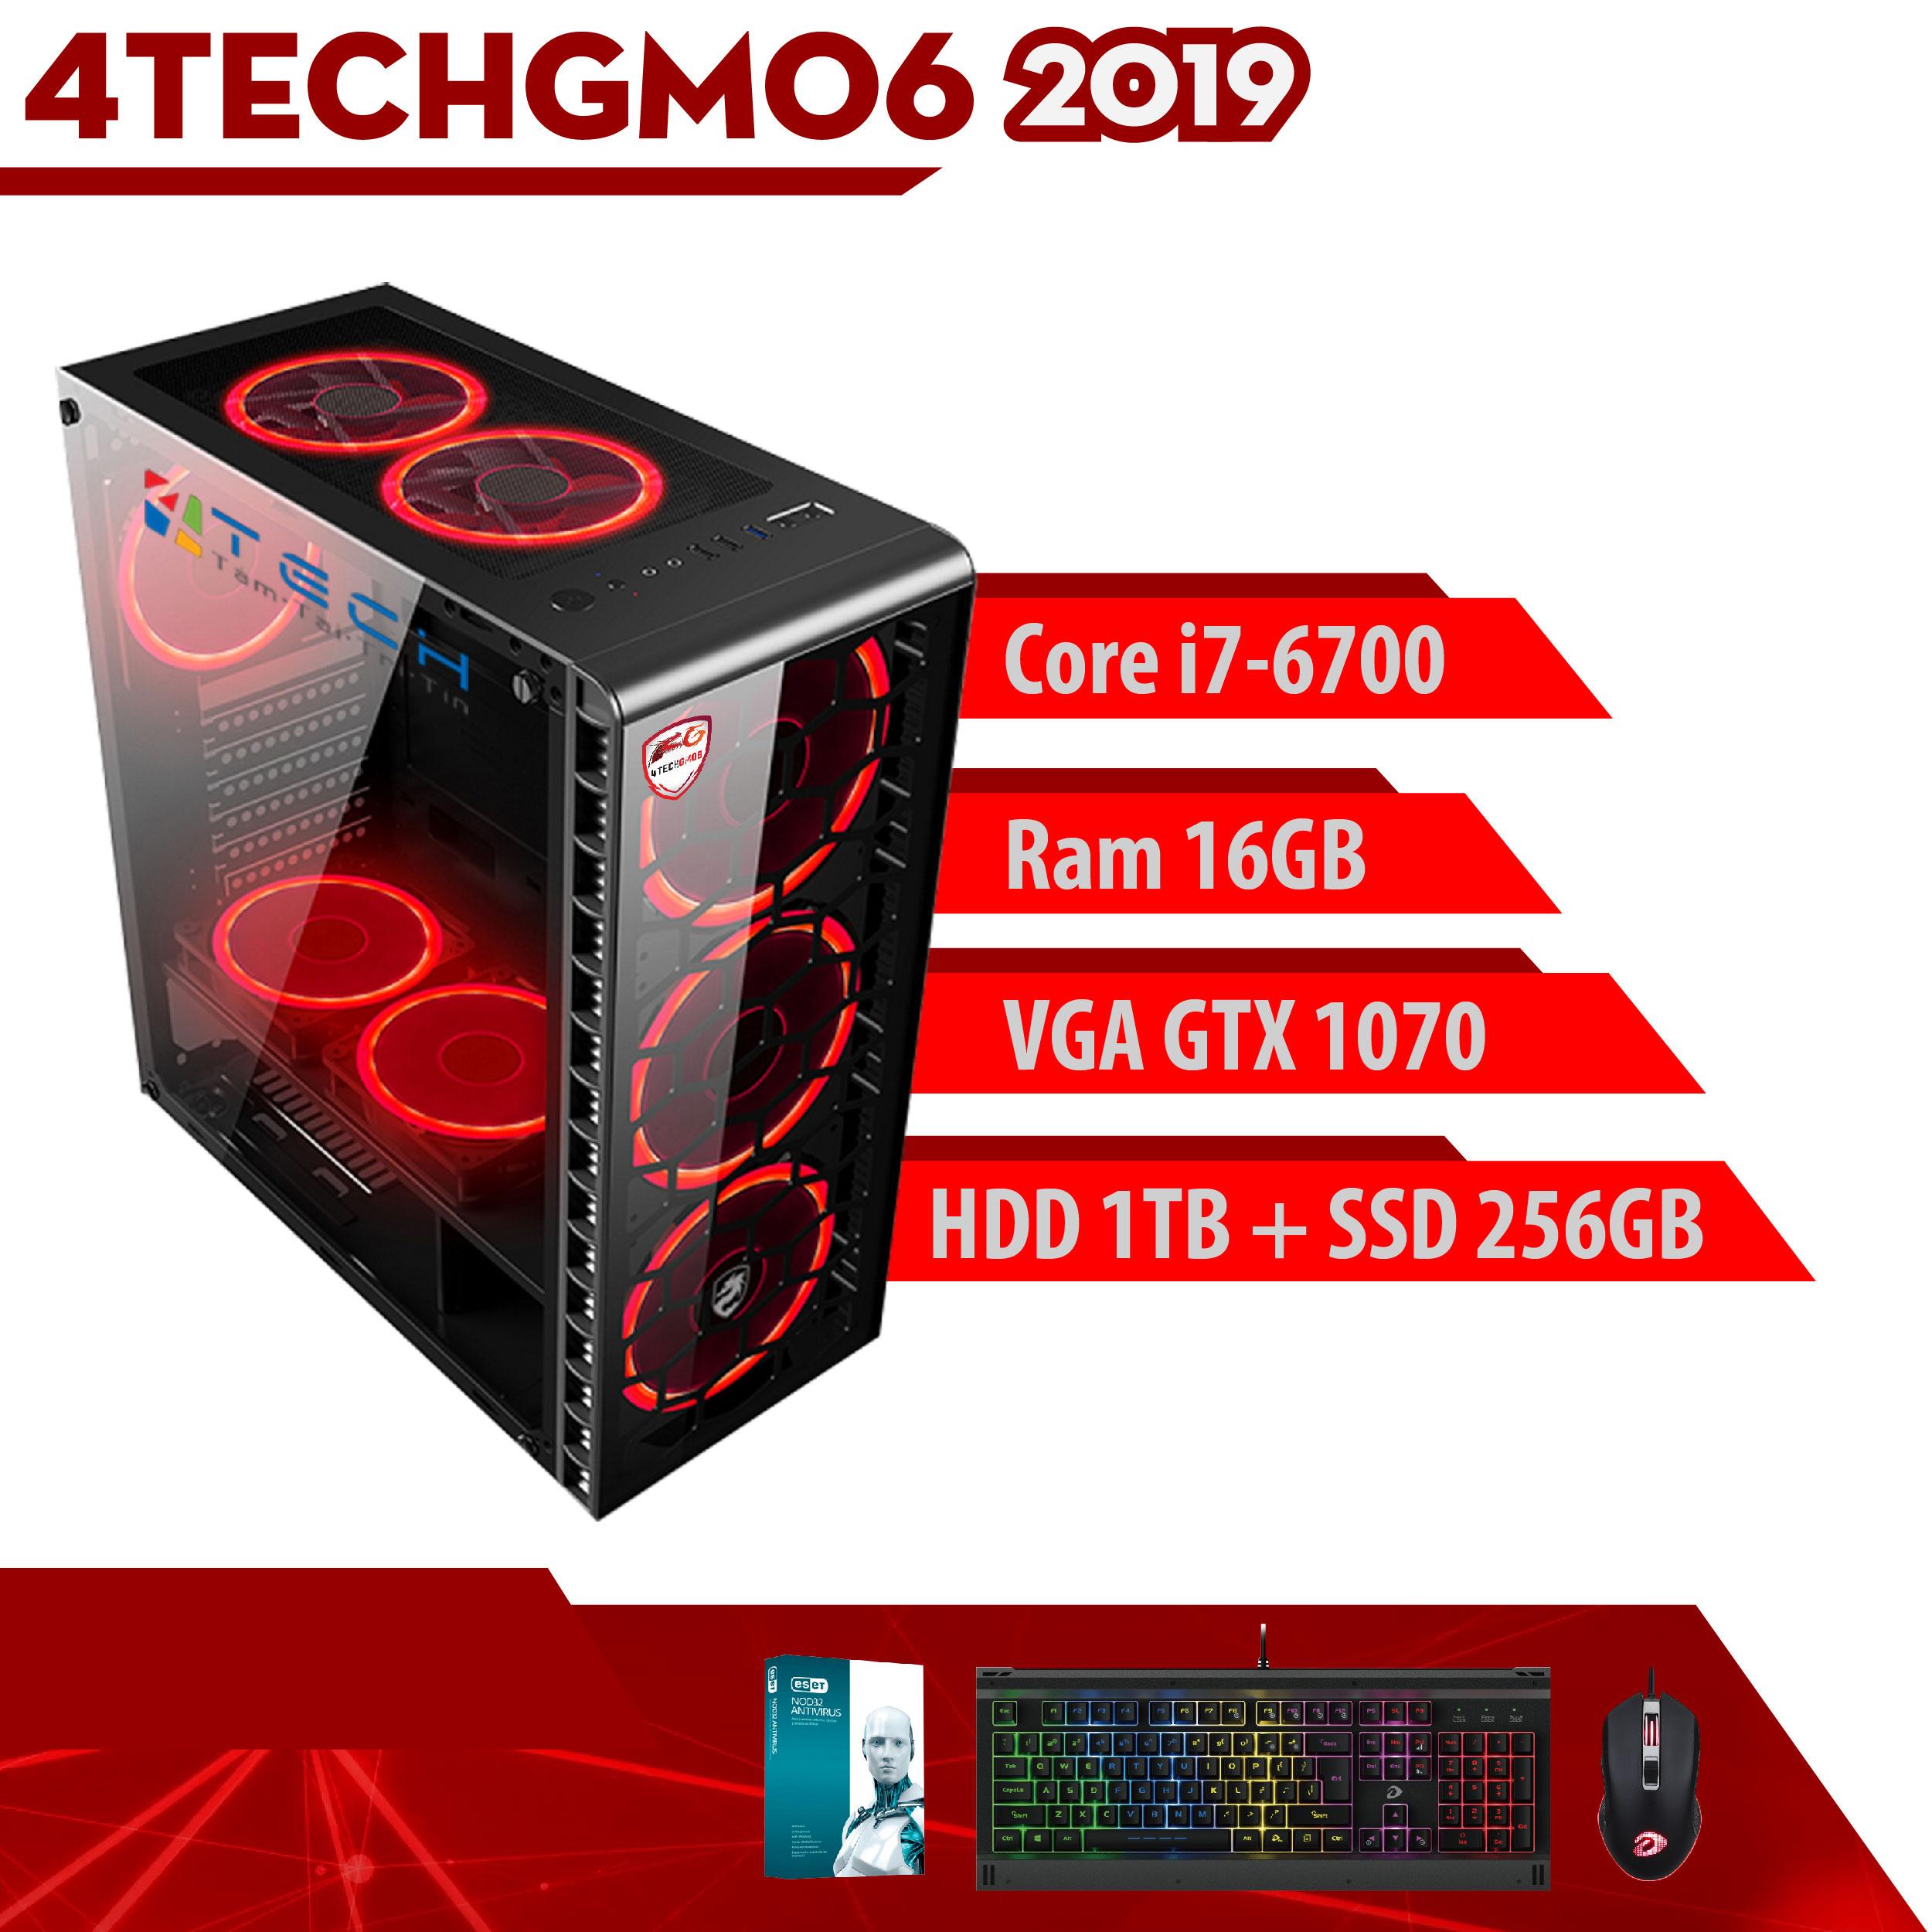 PC Case Gear Game khủng, Máy Tính 4TechGM06 2019 chiến mọi Game đòi cấu hình cao không bị chậm như Pubg, GTA5, đá bóng, Snake, truy kích, đột kích, đánh bài/danh bai và các dòng Game hay Top thế giới(siêu nhân, kinh dị, danh nhau, xây dựng). - Hàng Chính